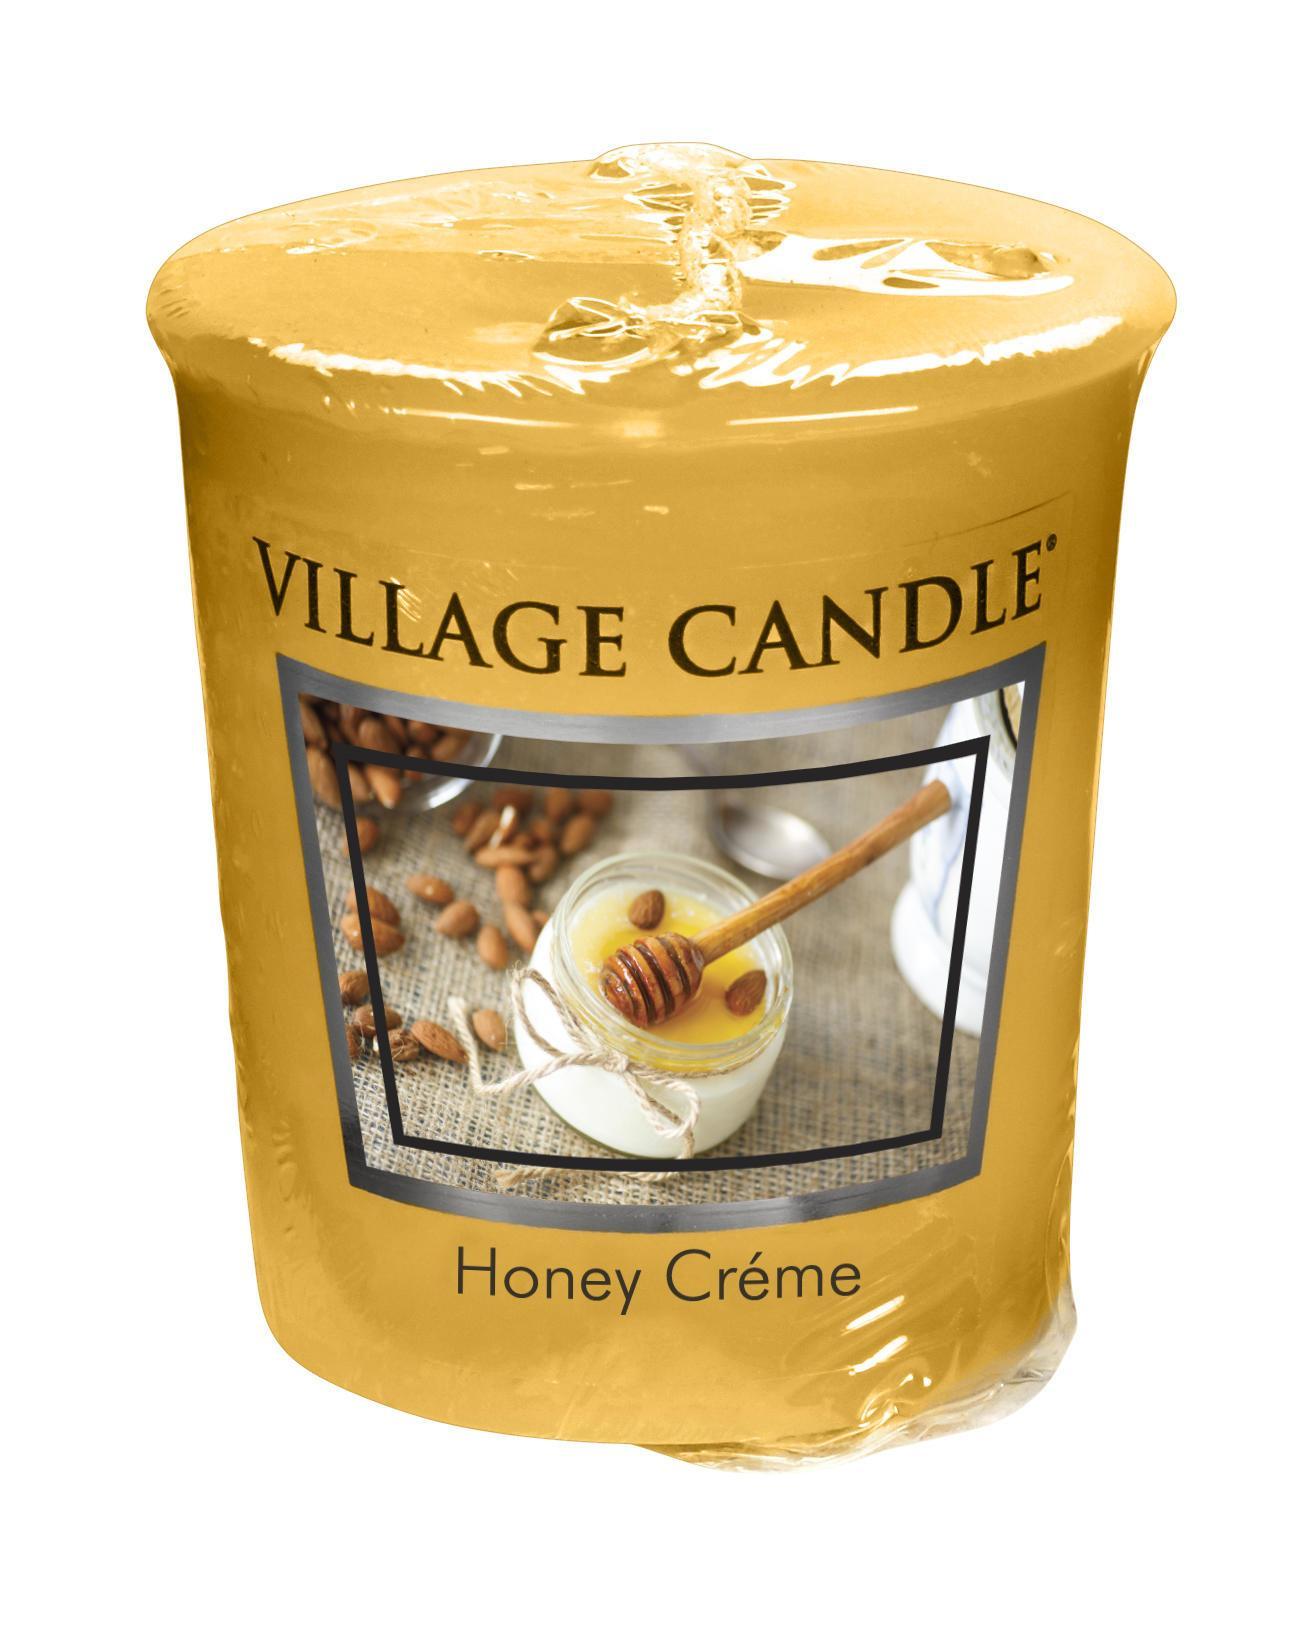 VILLAGE CANDLE Votivní svíčka Village Candle - Honey Créme, žlutá barva, oranžová barva, hnědá barva, vosk